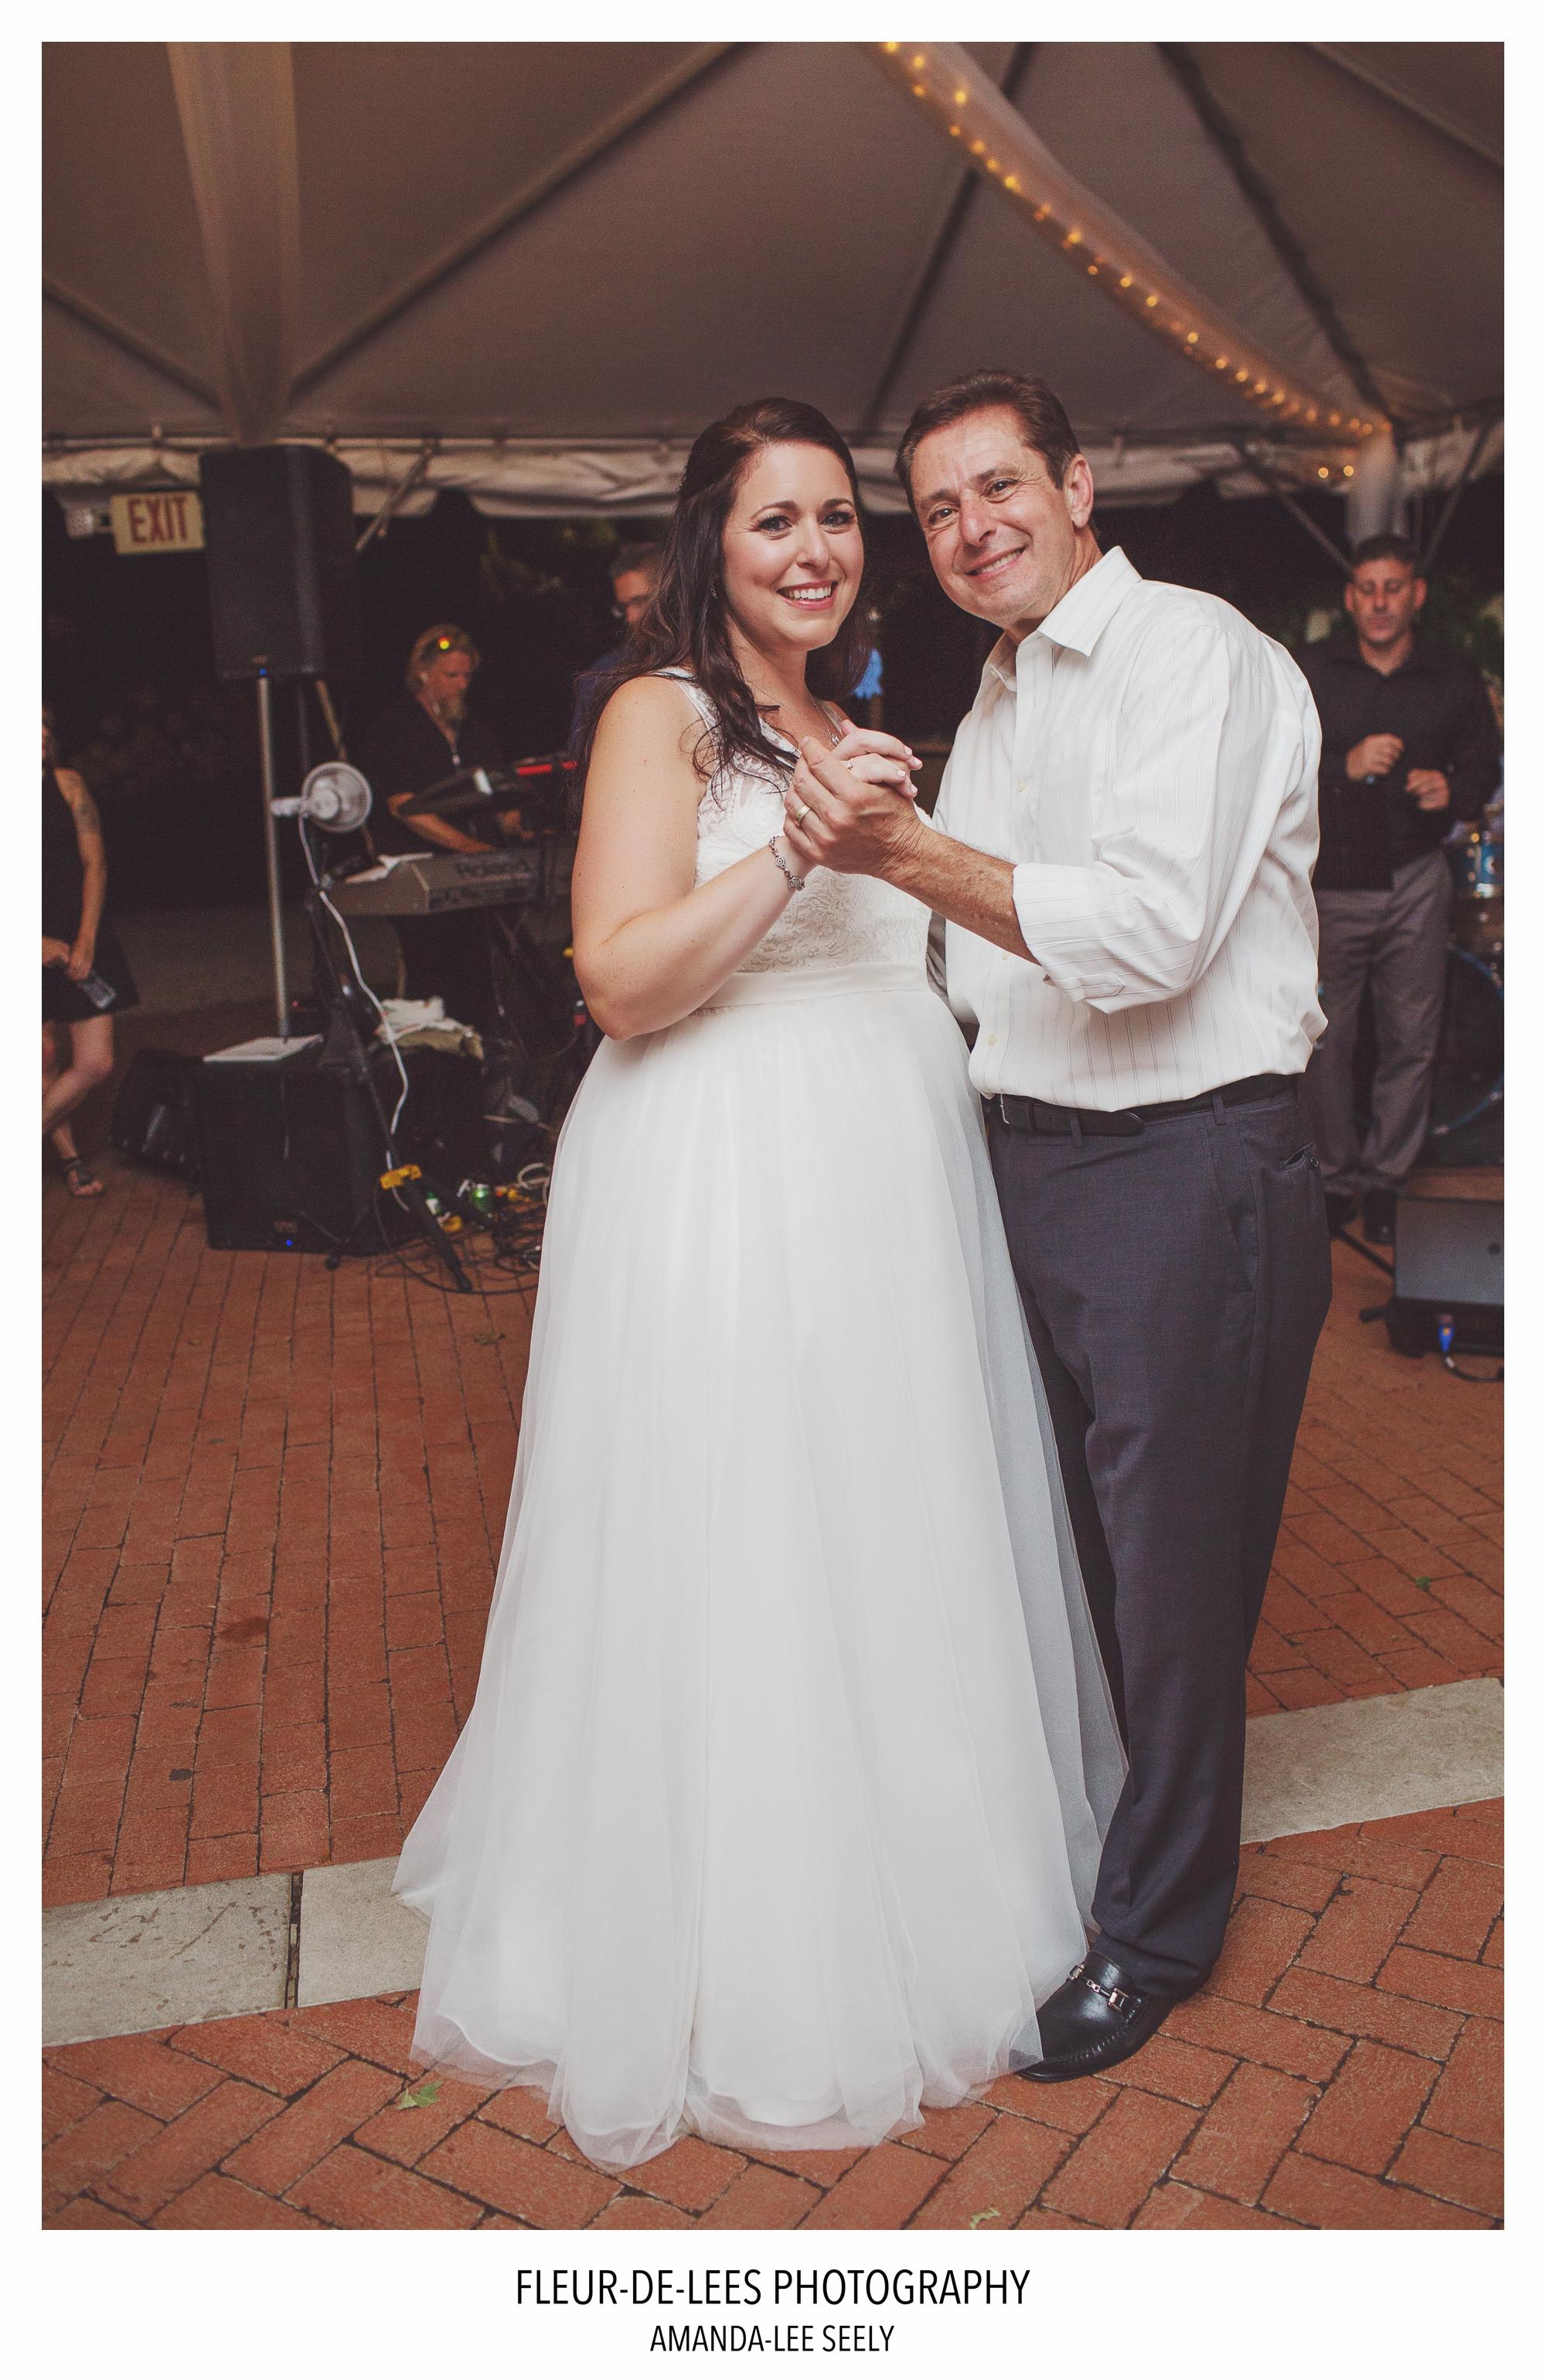 BLOG RACHEL AND AMANDA WEDDING 98